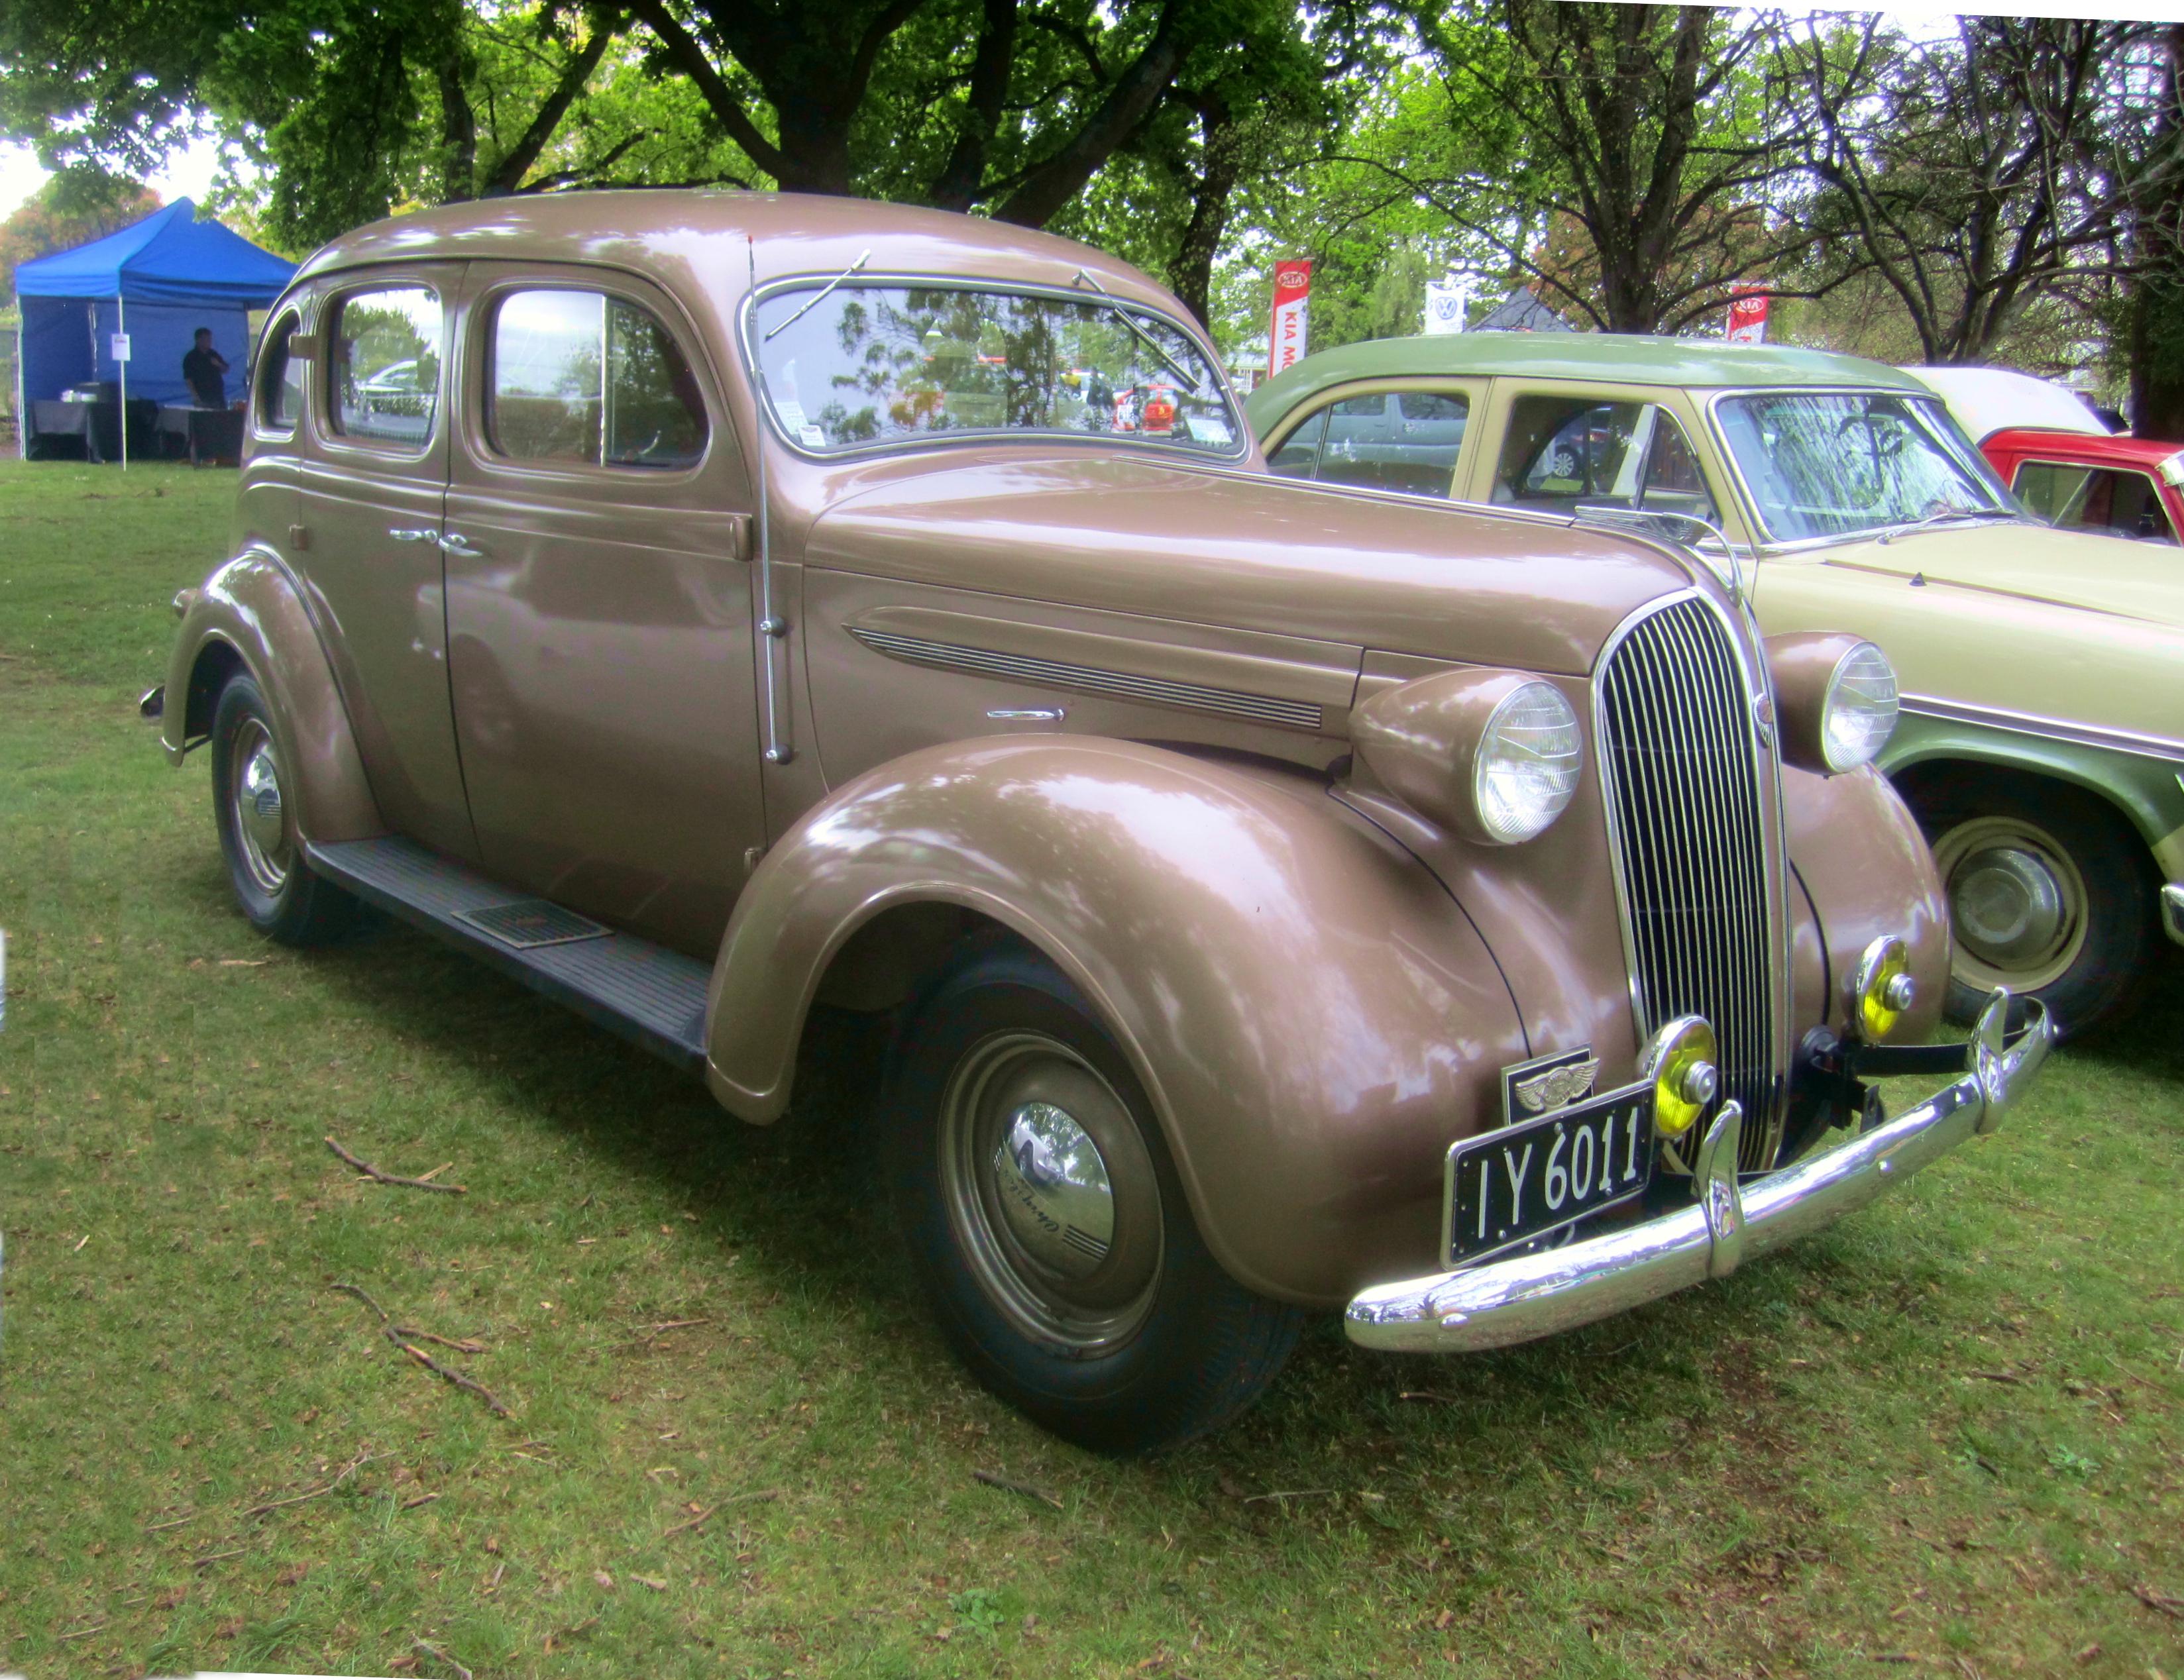 File:1937 Chrysler Royal Sedan.jpg - Wikimedia Commons